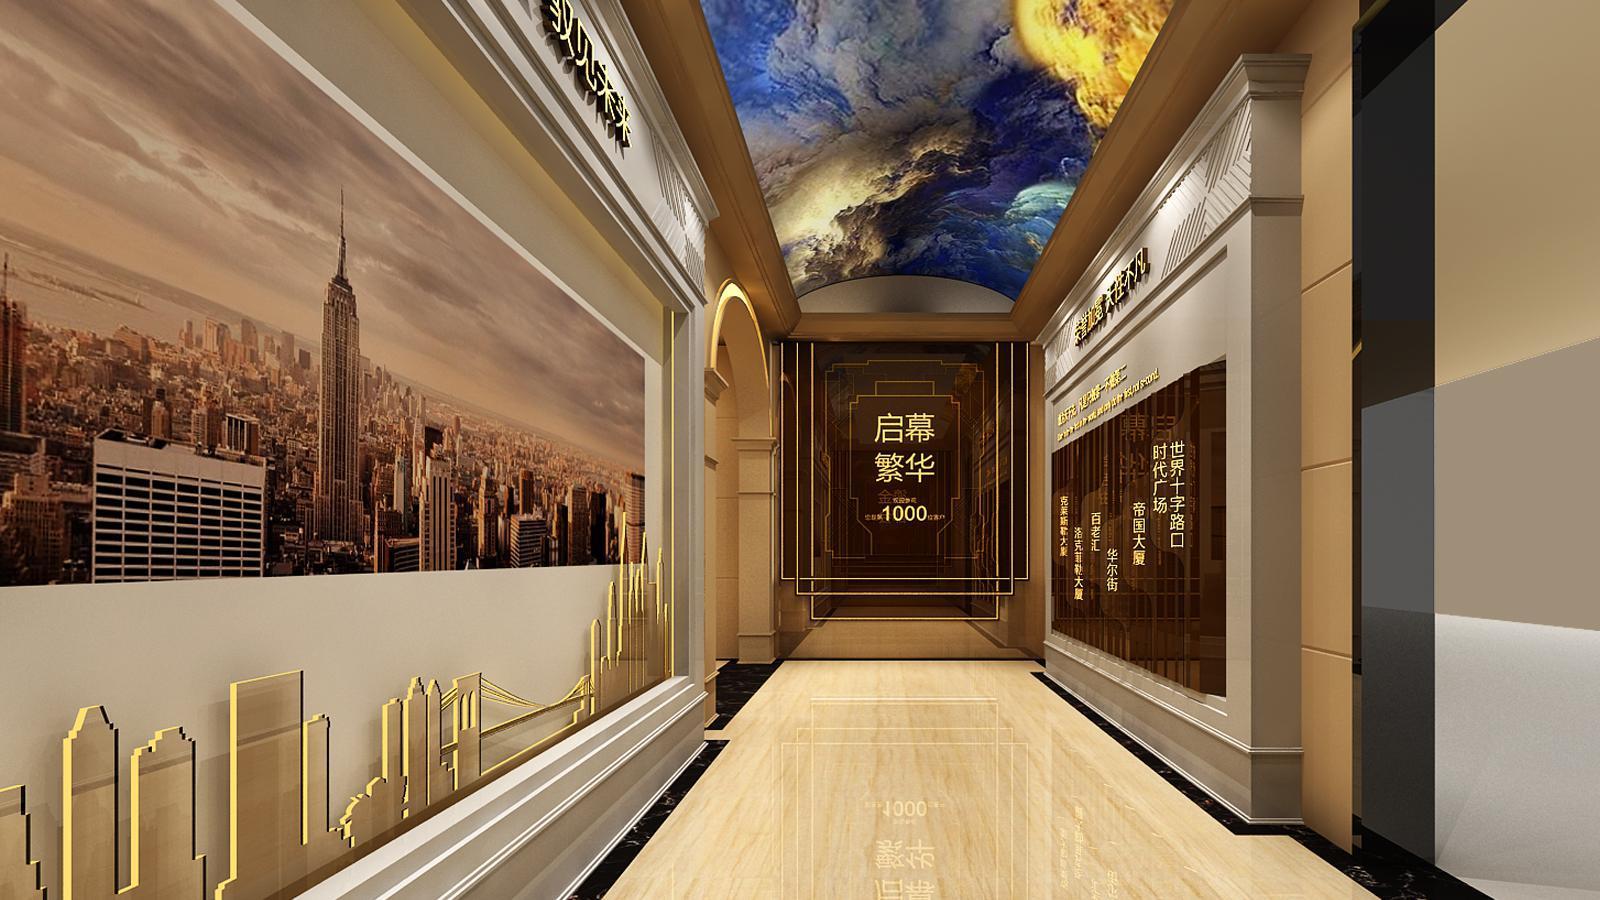 碧桂园新城体验馆设计方案之走廊设计